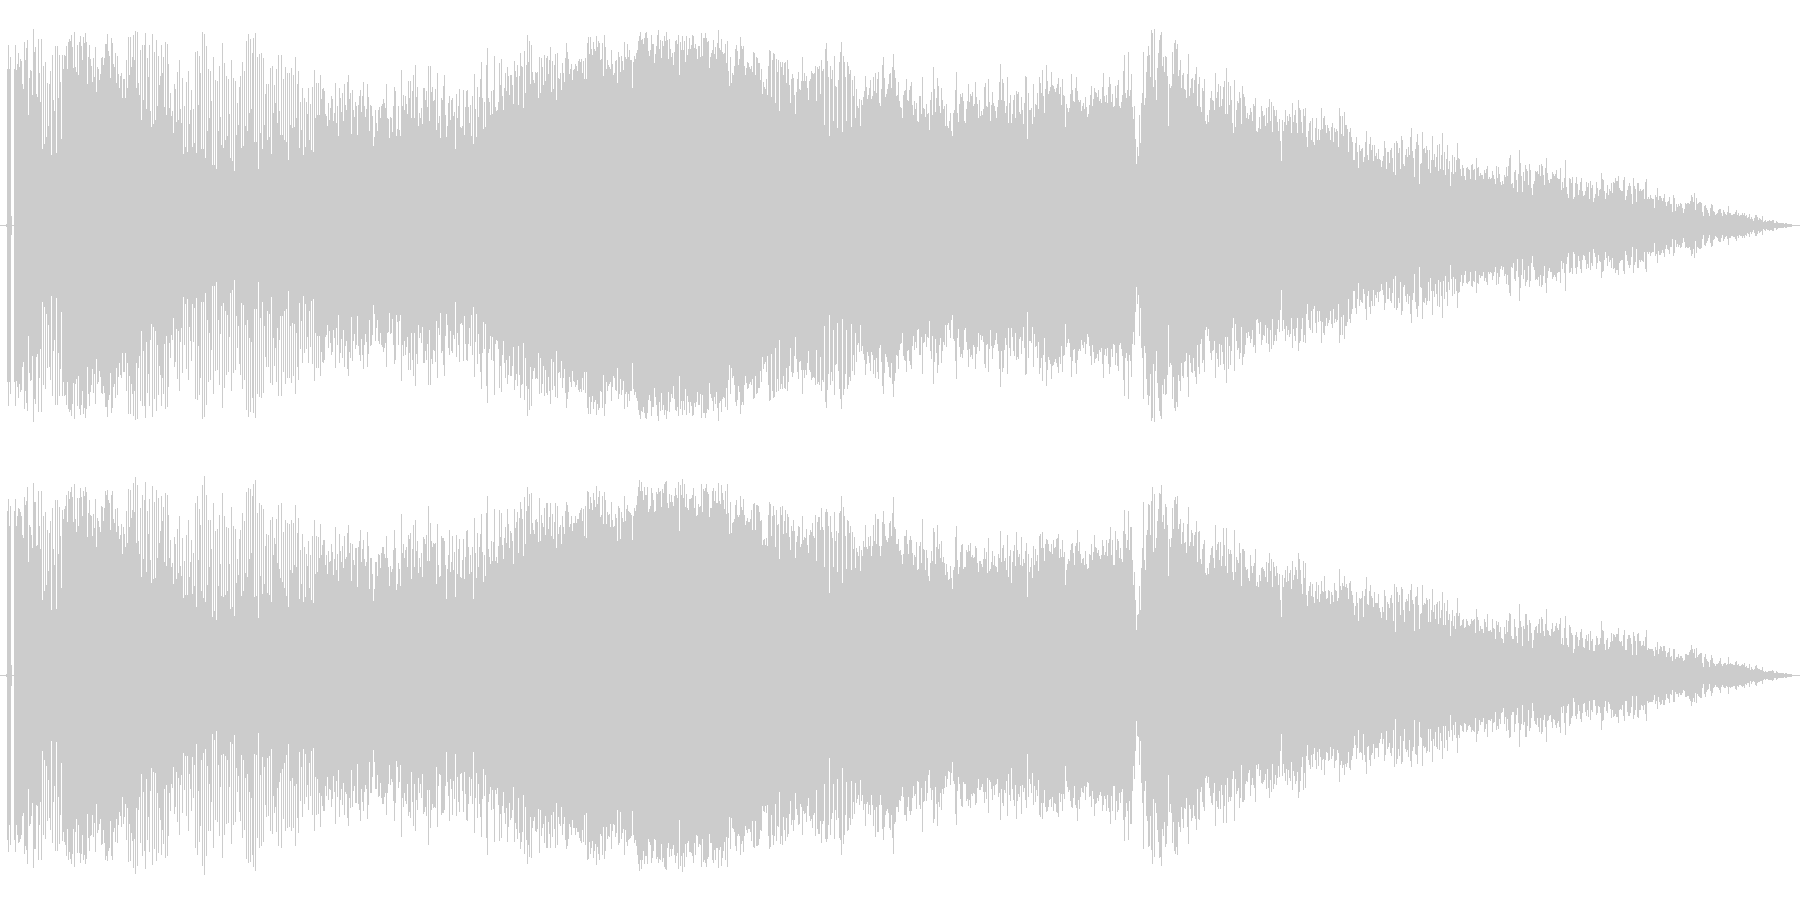 【レース07】ド迫力のエンジン効果音!の未再生の波形